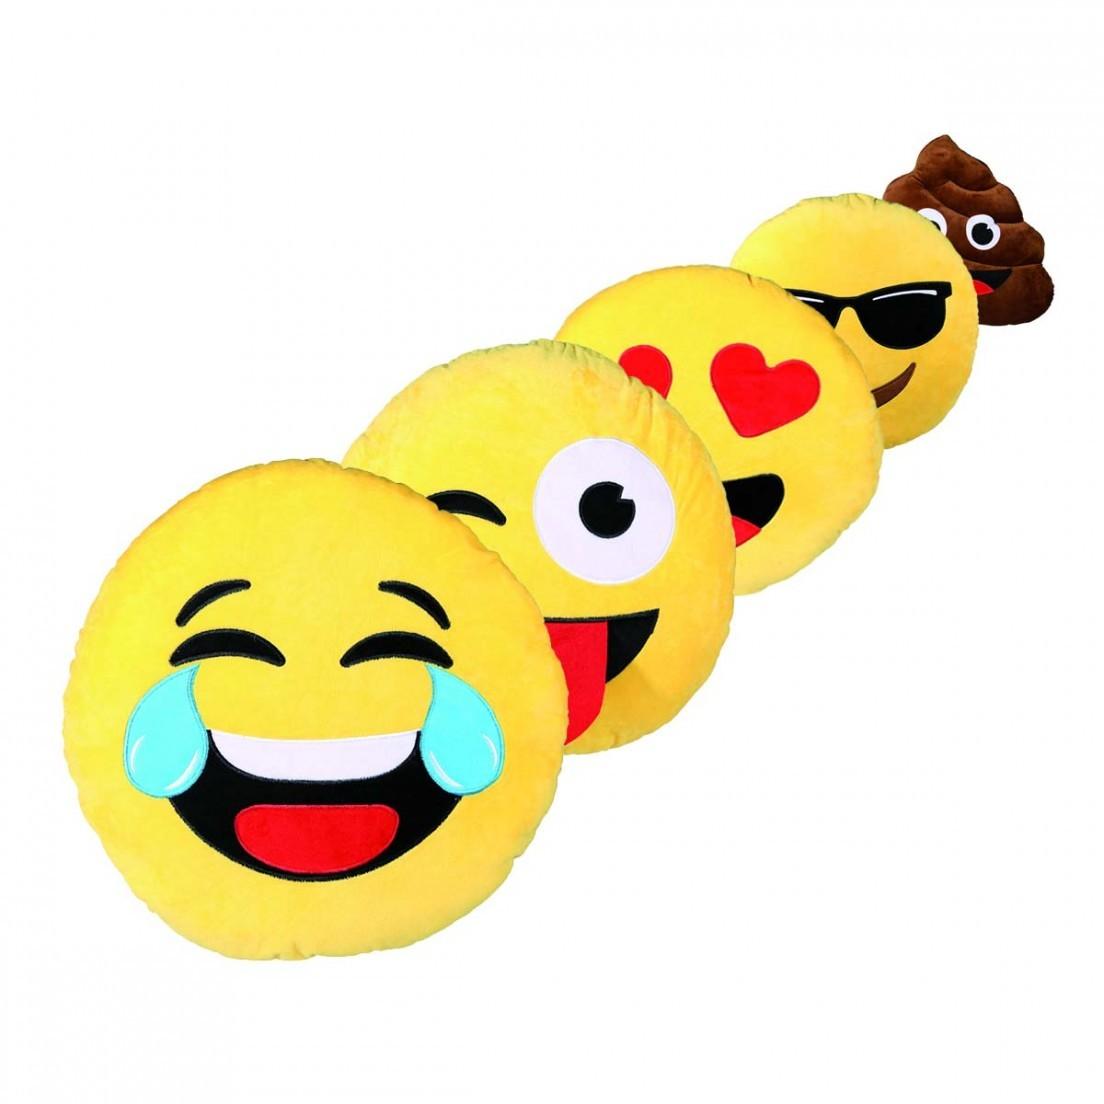 Quel smiley te ressemble le plus ?